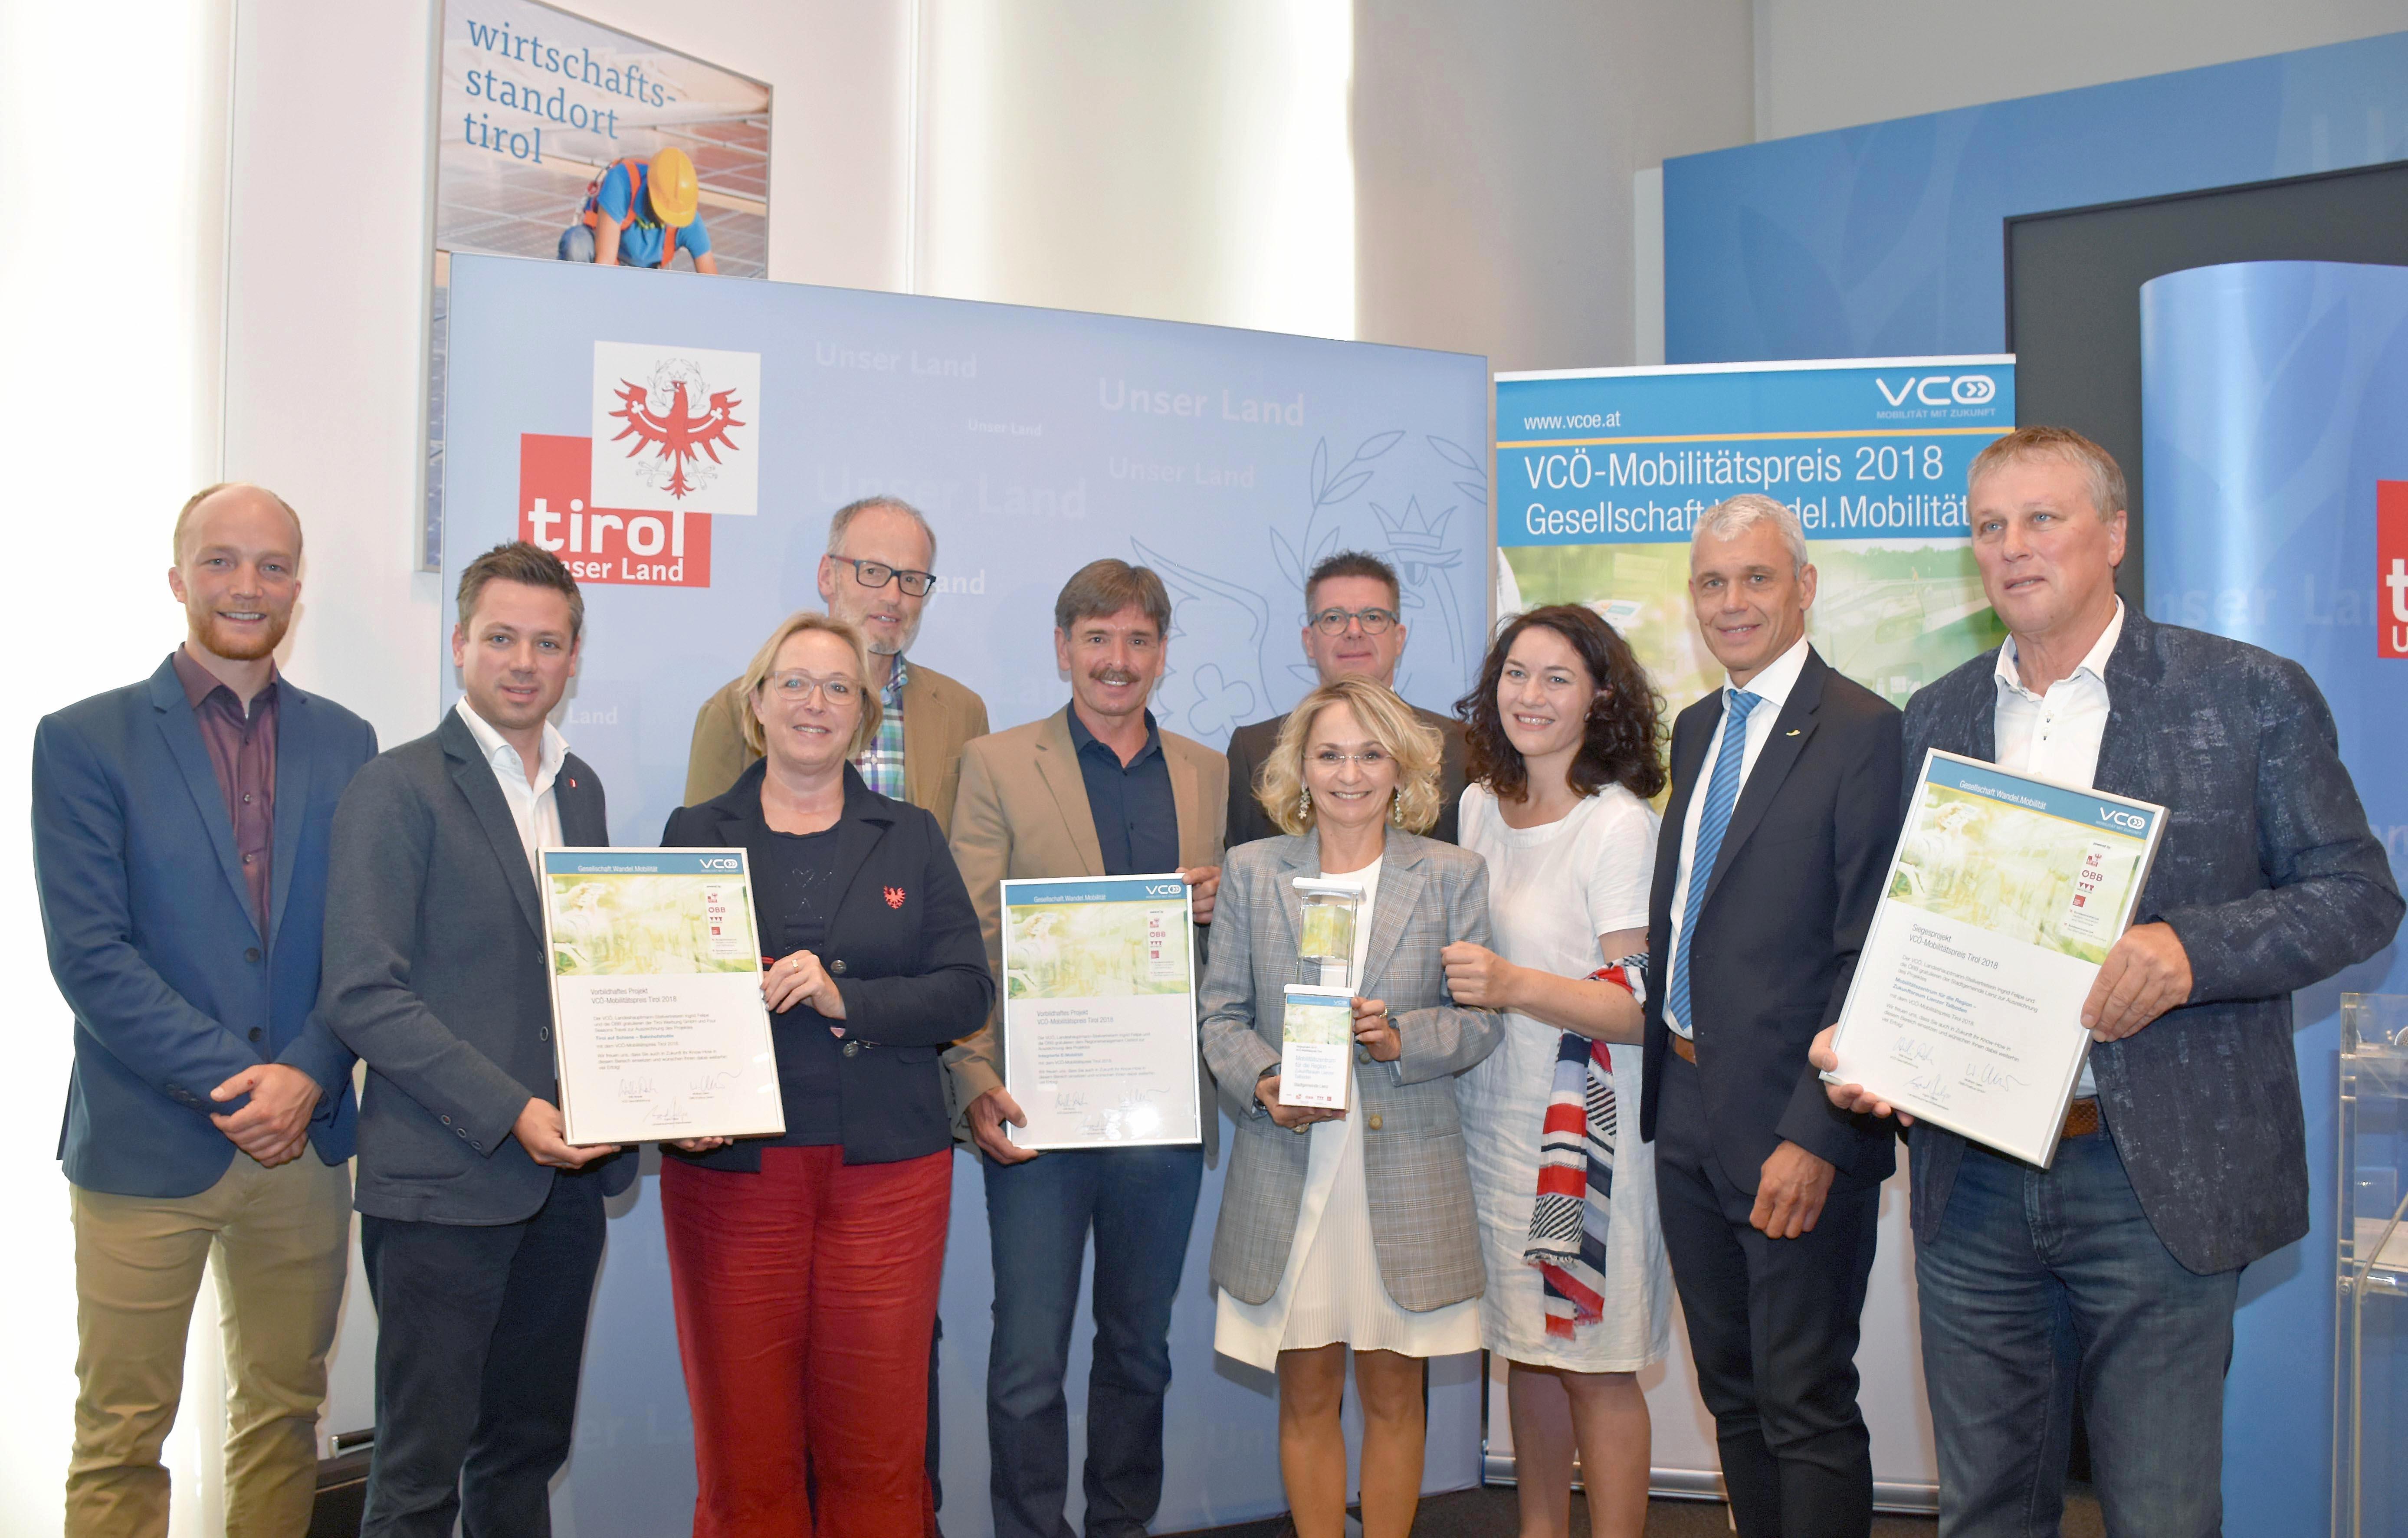 VCÖ Mobilitätspreis Tirol